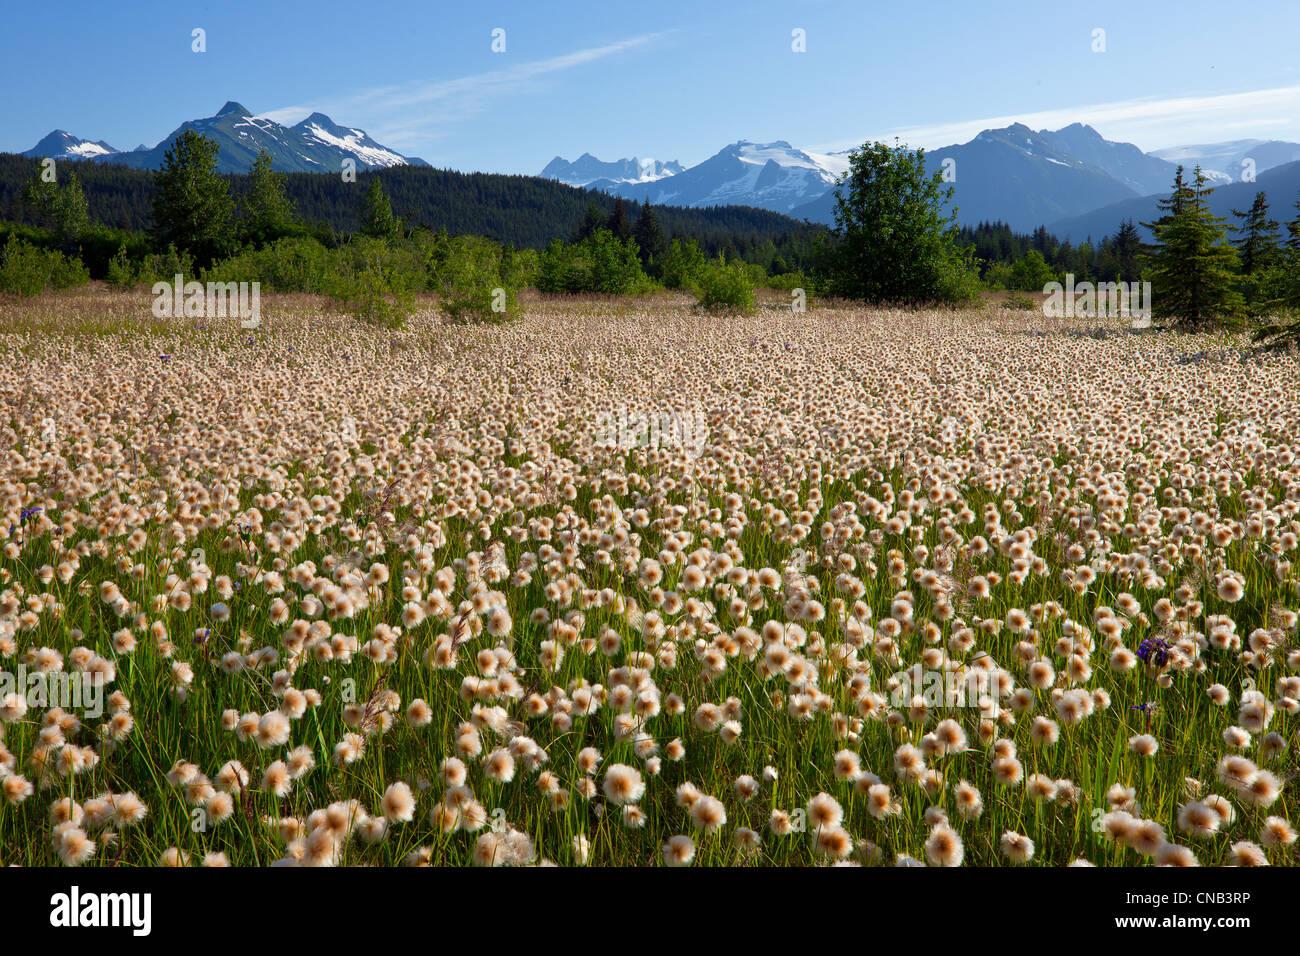 Alaska en el pasto de algodón Mendenhall humedales, Juneau, Alaska, Sudeste de verano Imagen De Stock